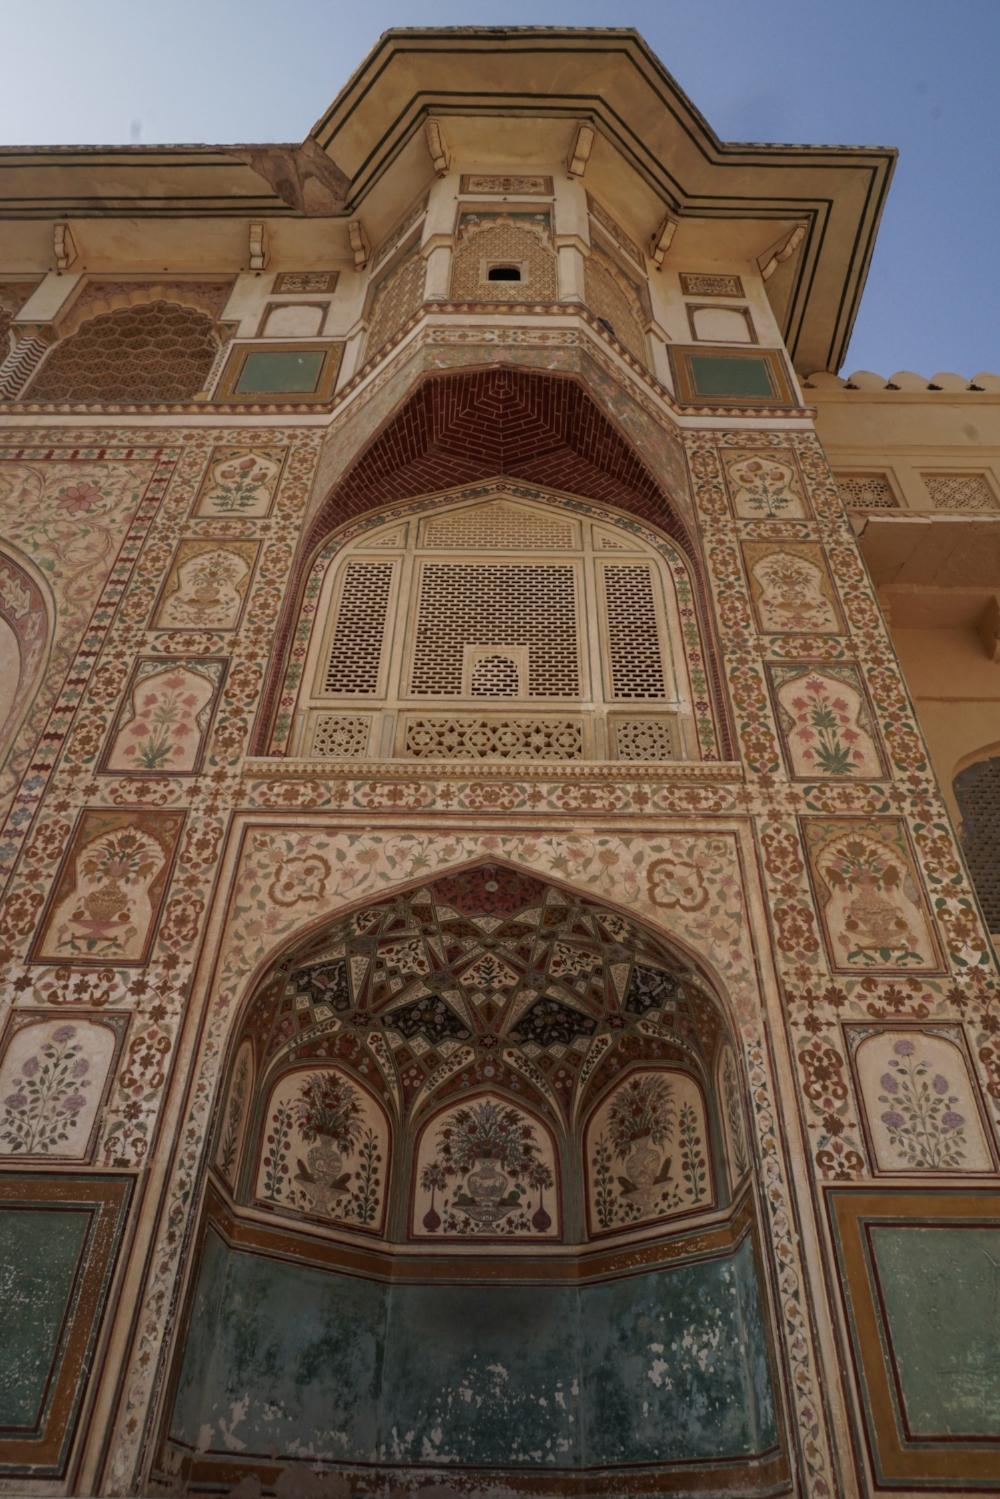 curio.trips.india.jaipur.city.palace.interior.jpg